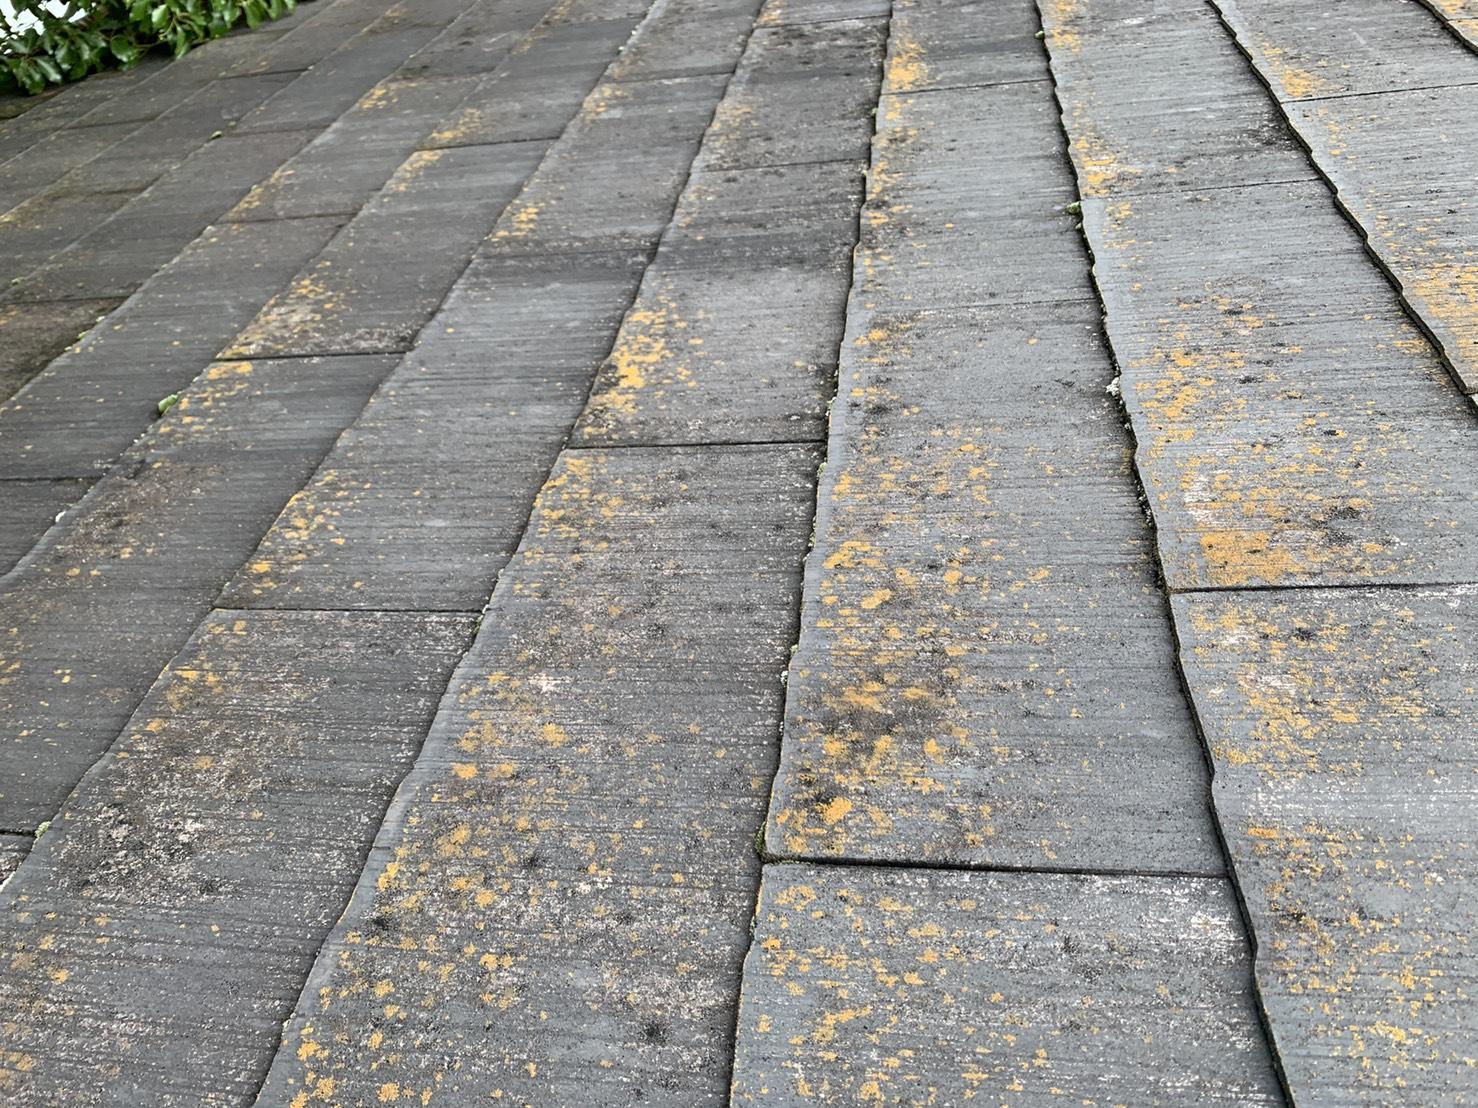 雨樋の詰まりの原因となる屋根上の苔